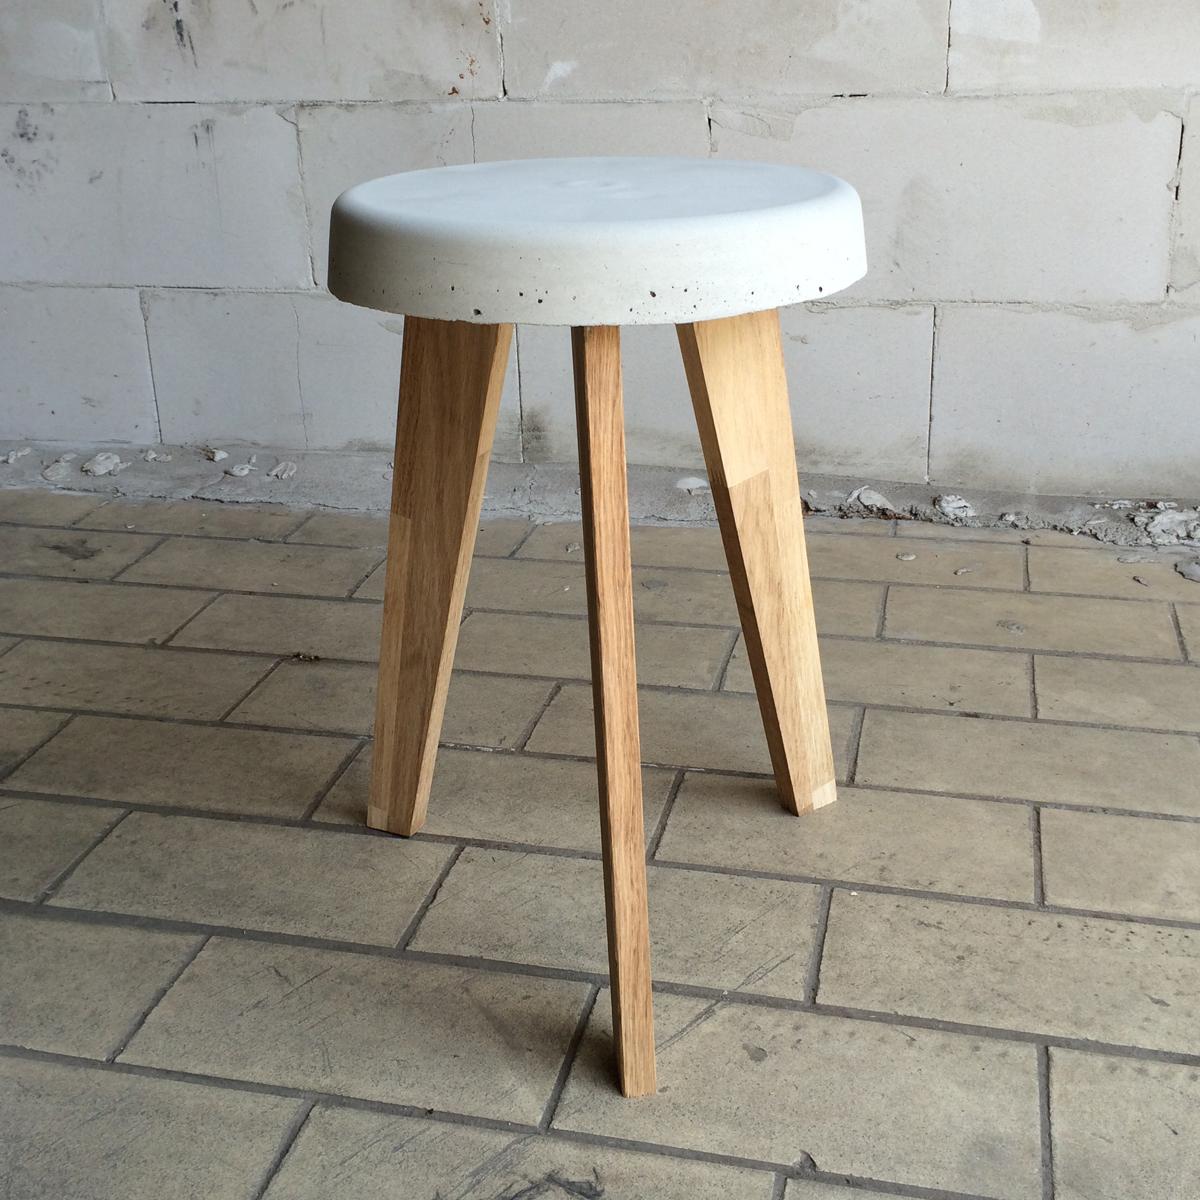 beton-kruk-eiken-poten-6